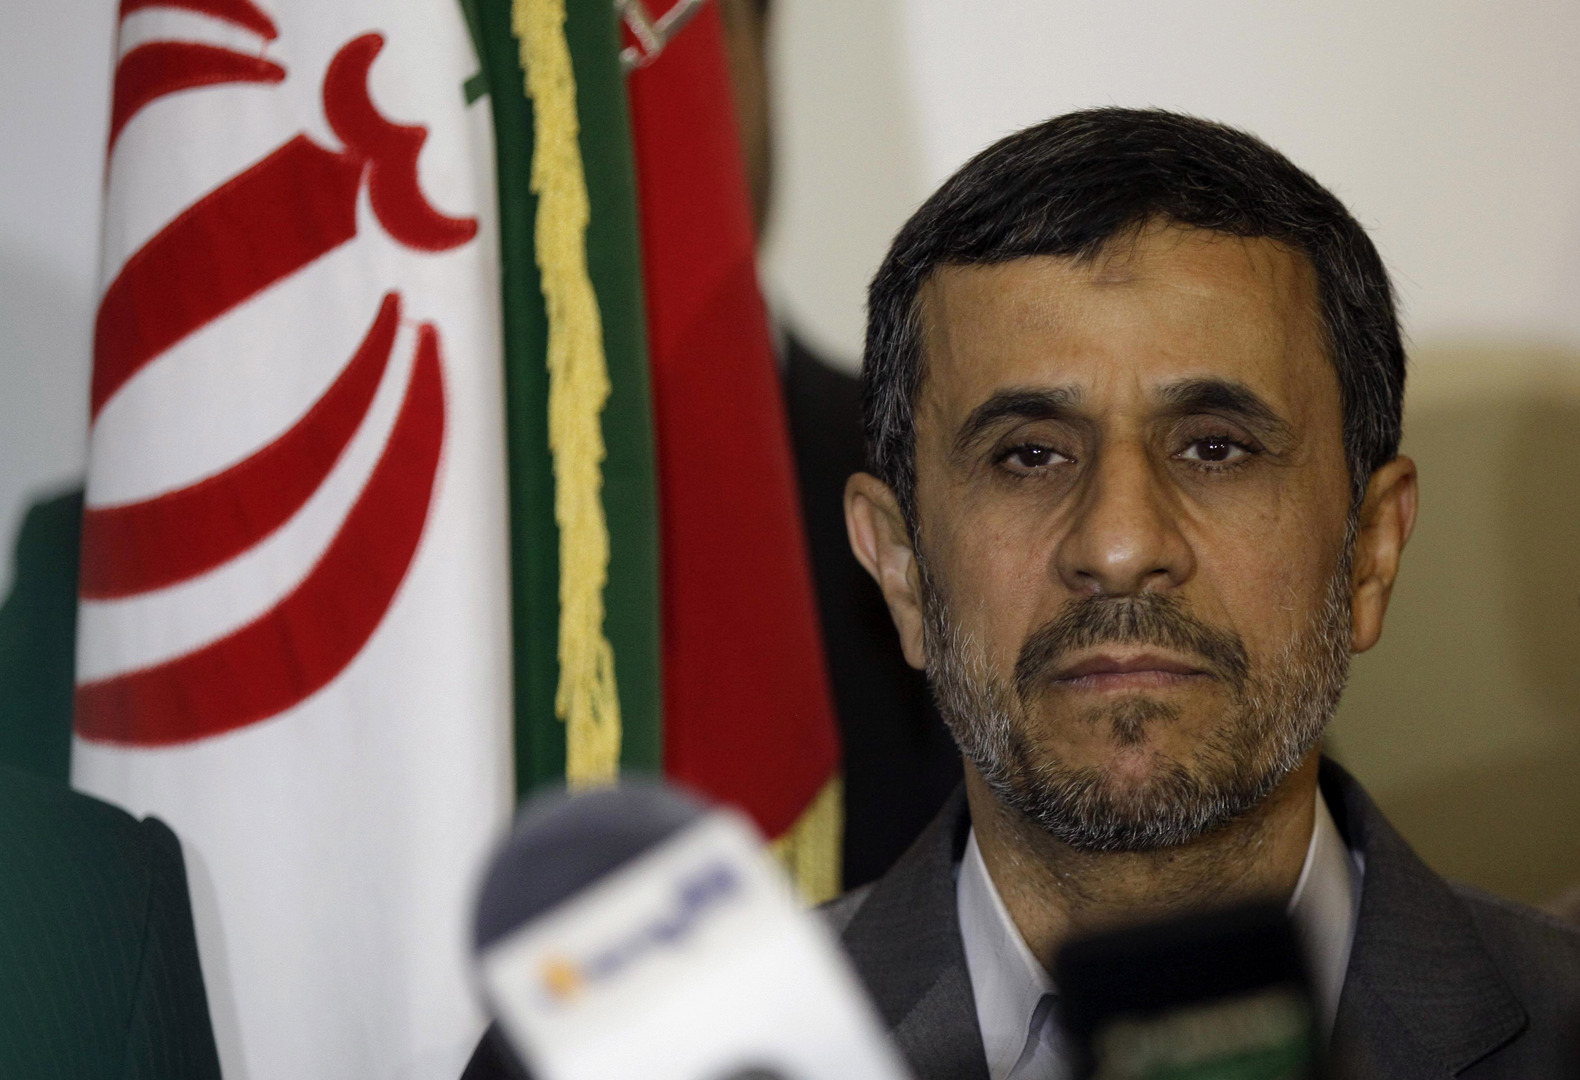 محمود أحمدي نجاد في تصريحات مثيرة حول كورونا